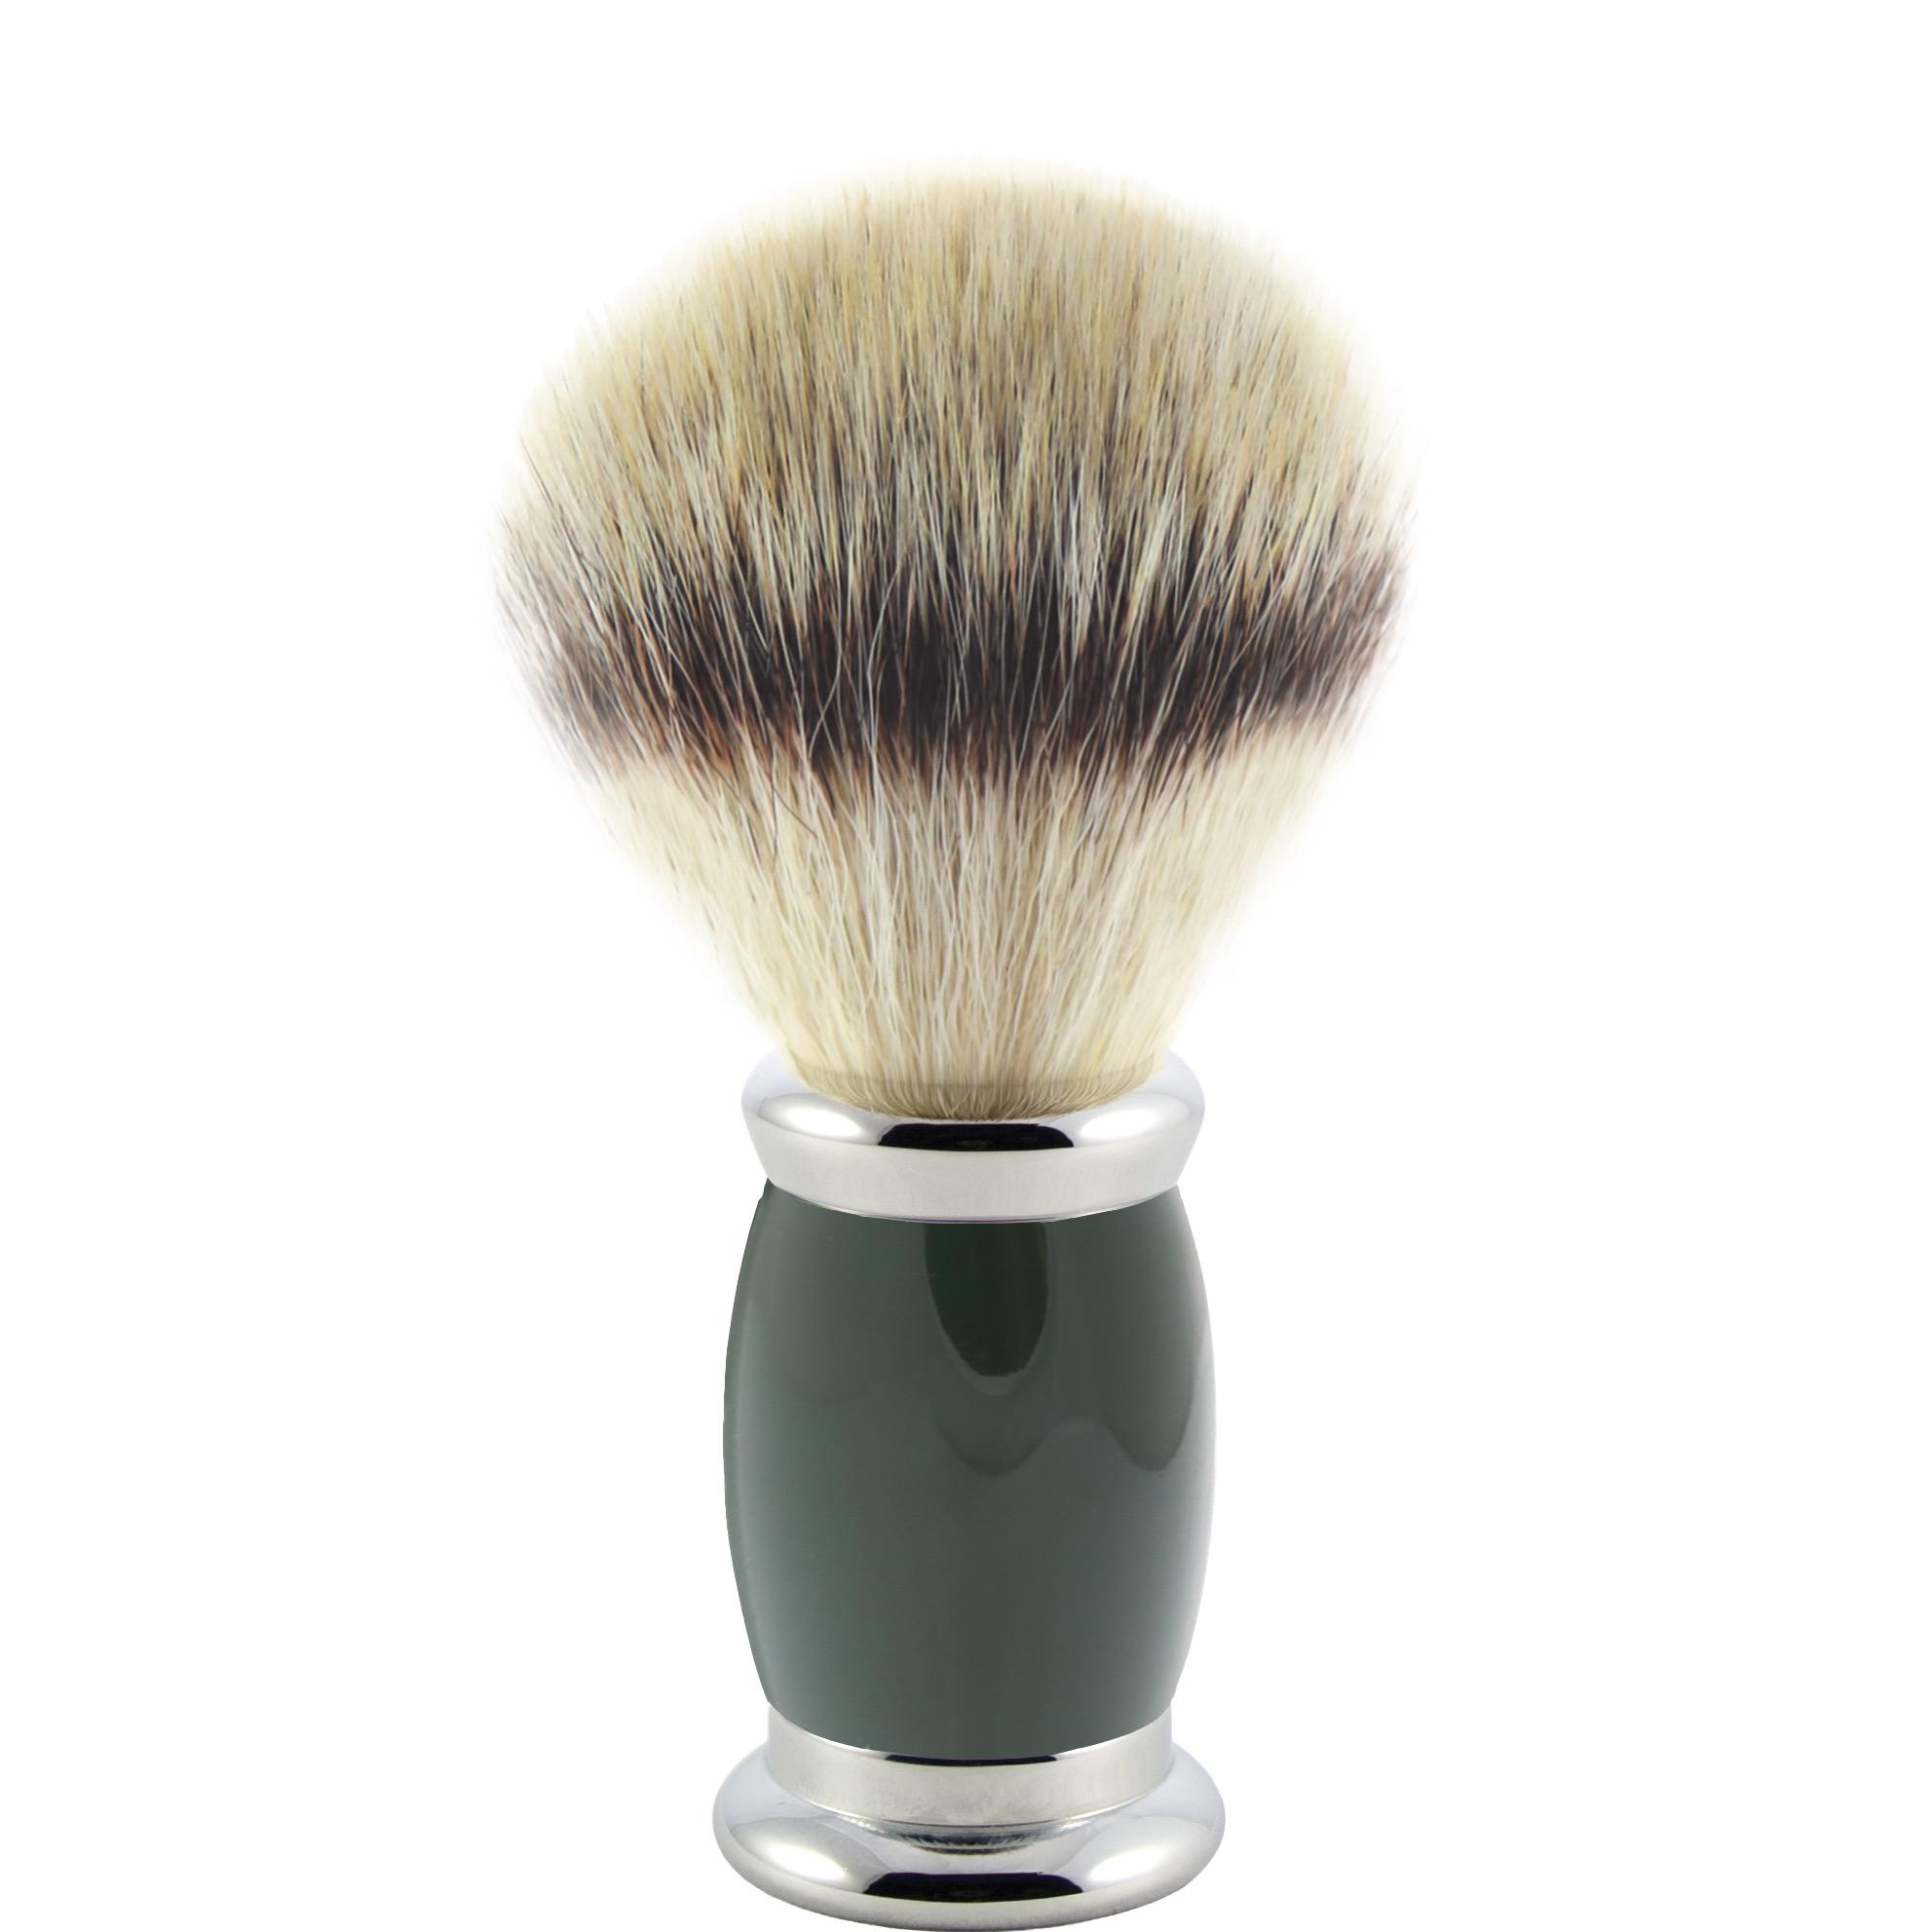 Scheerkwast Bulbous - Silvertip Fibre - green